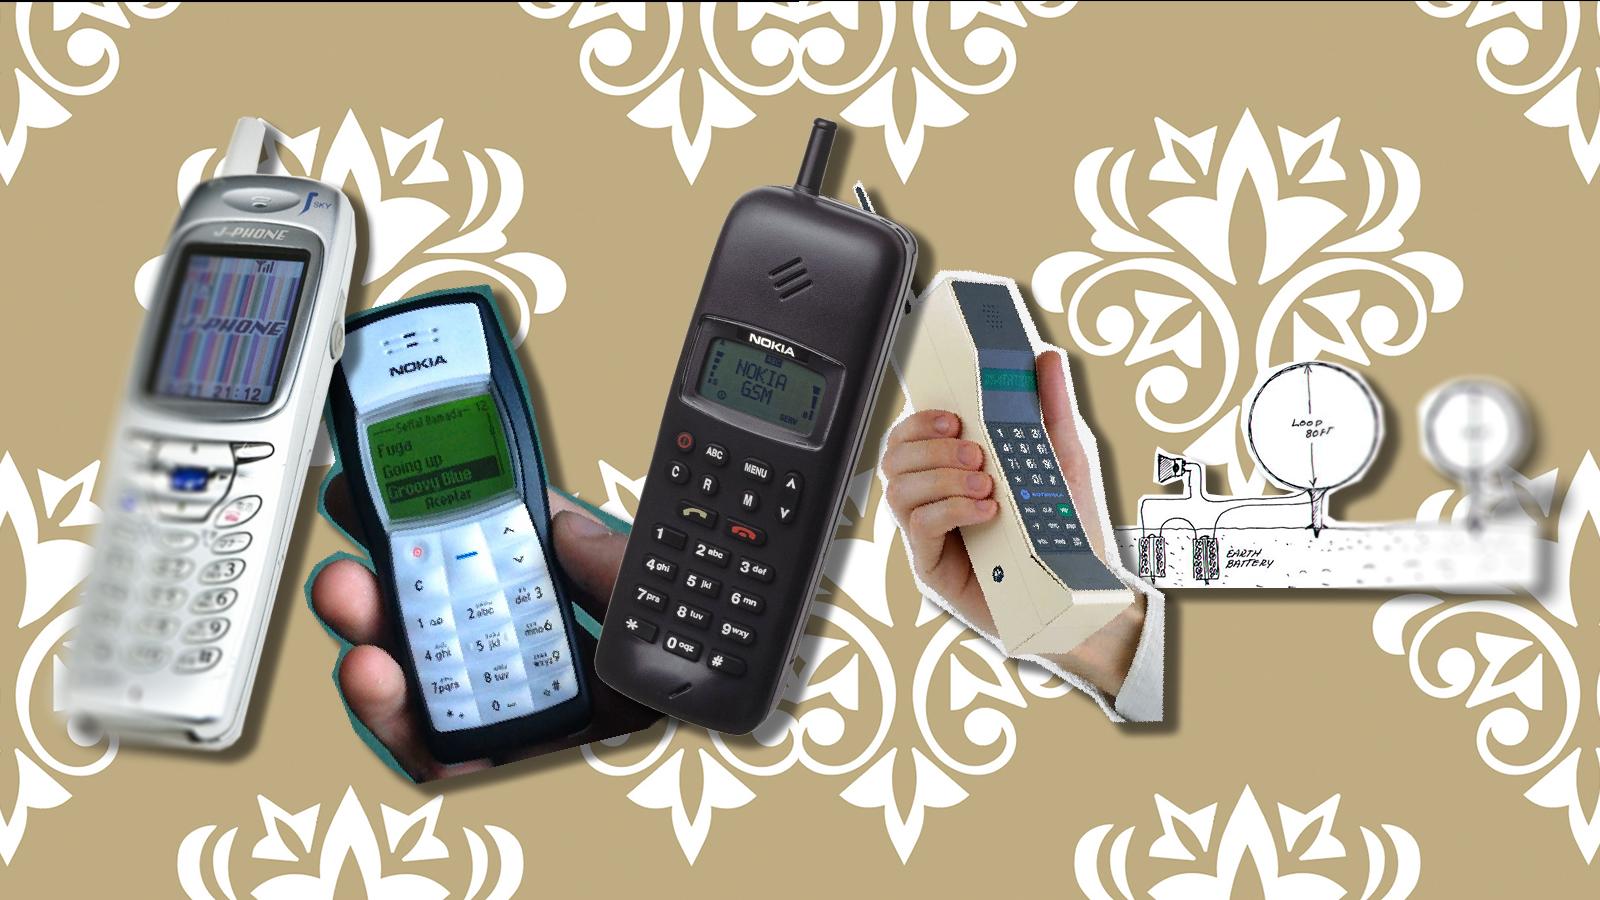 موبایل یا جادویی ارتباط جهانی   داستان ساخت اولین موبایل